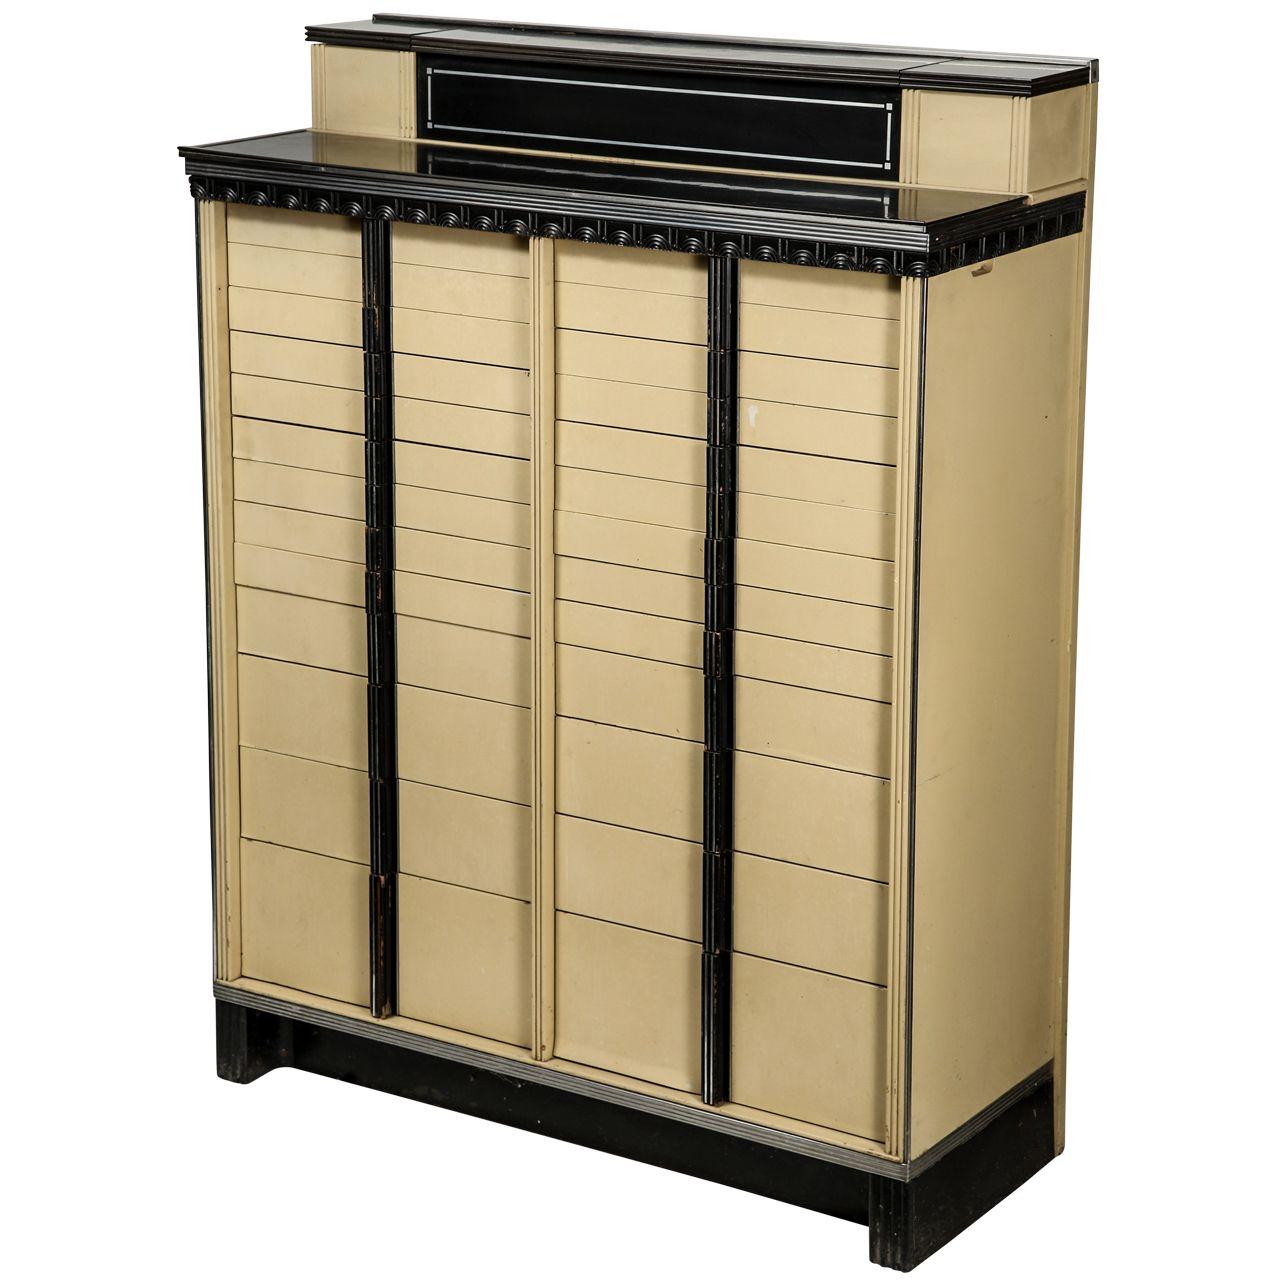 Original Art Deco Dental Cabinet   Dental, Modern cabinets and ...